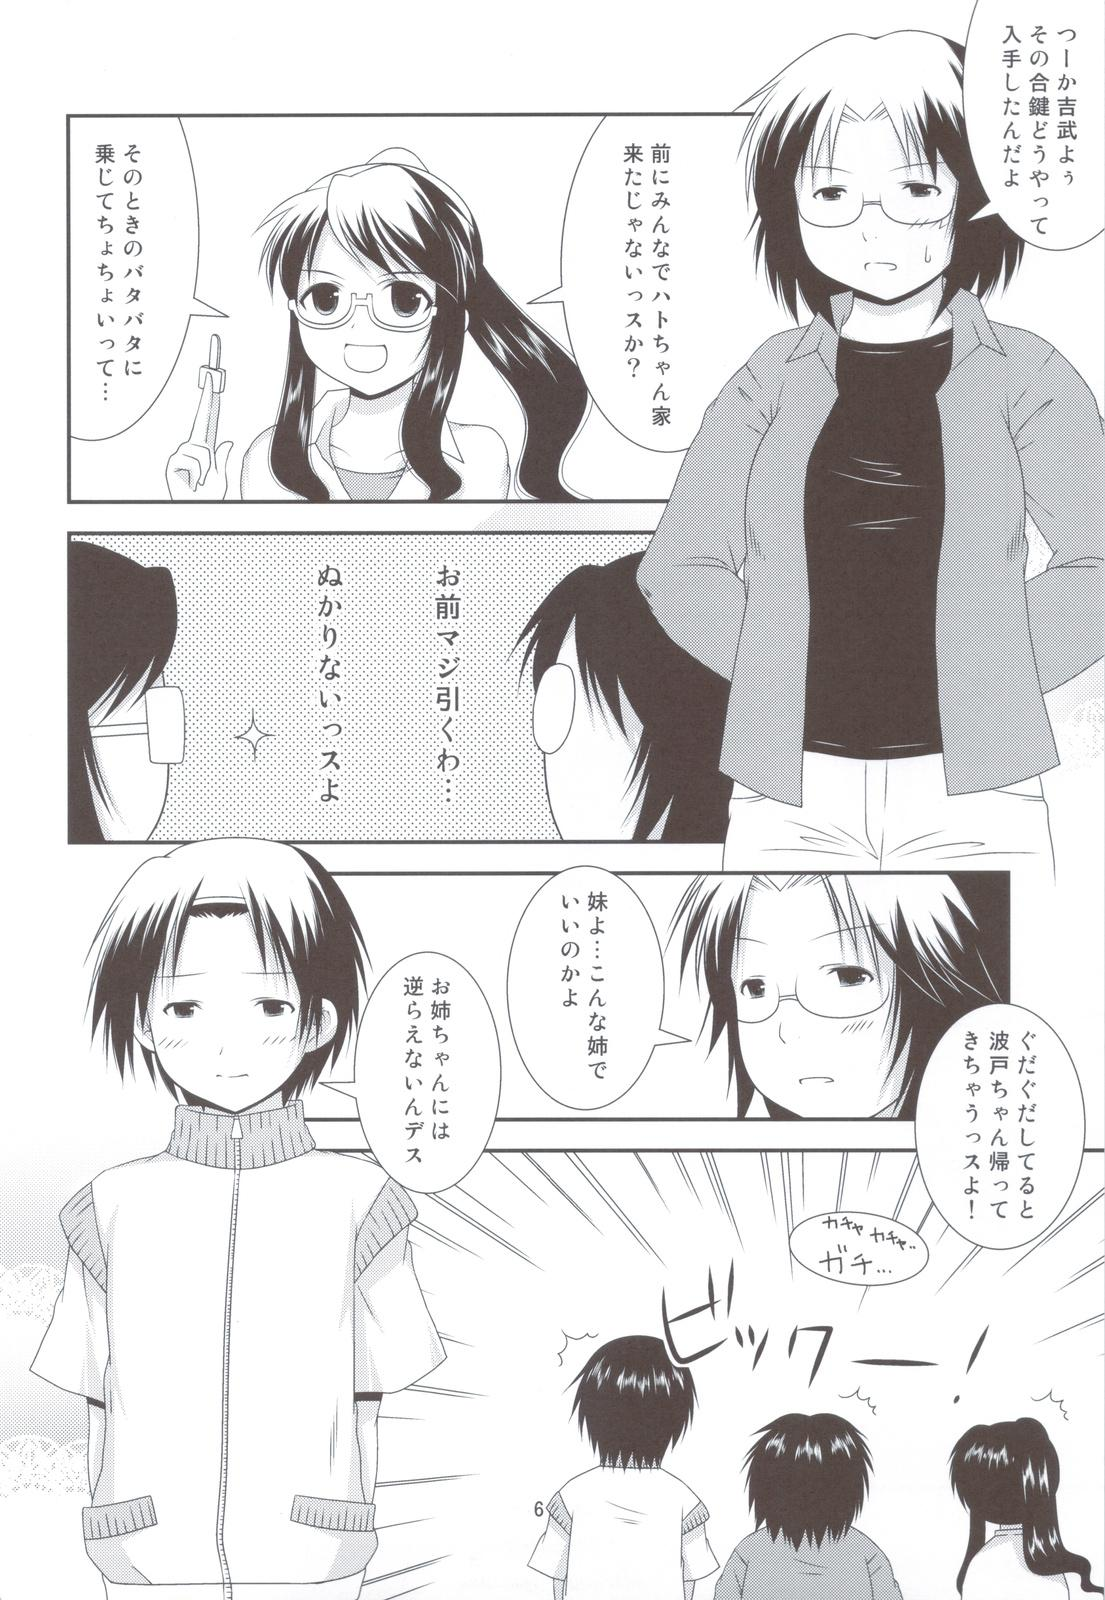 Bikun Bikun Hato-kun 4